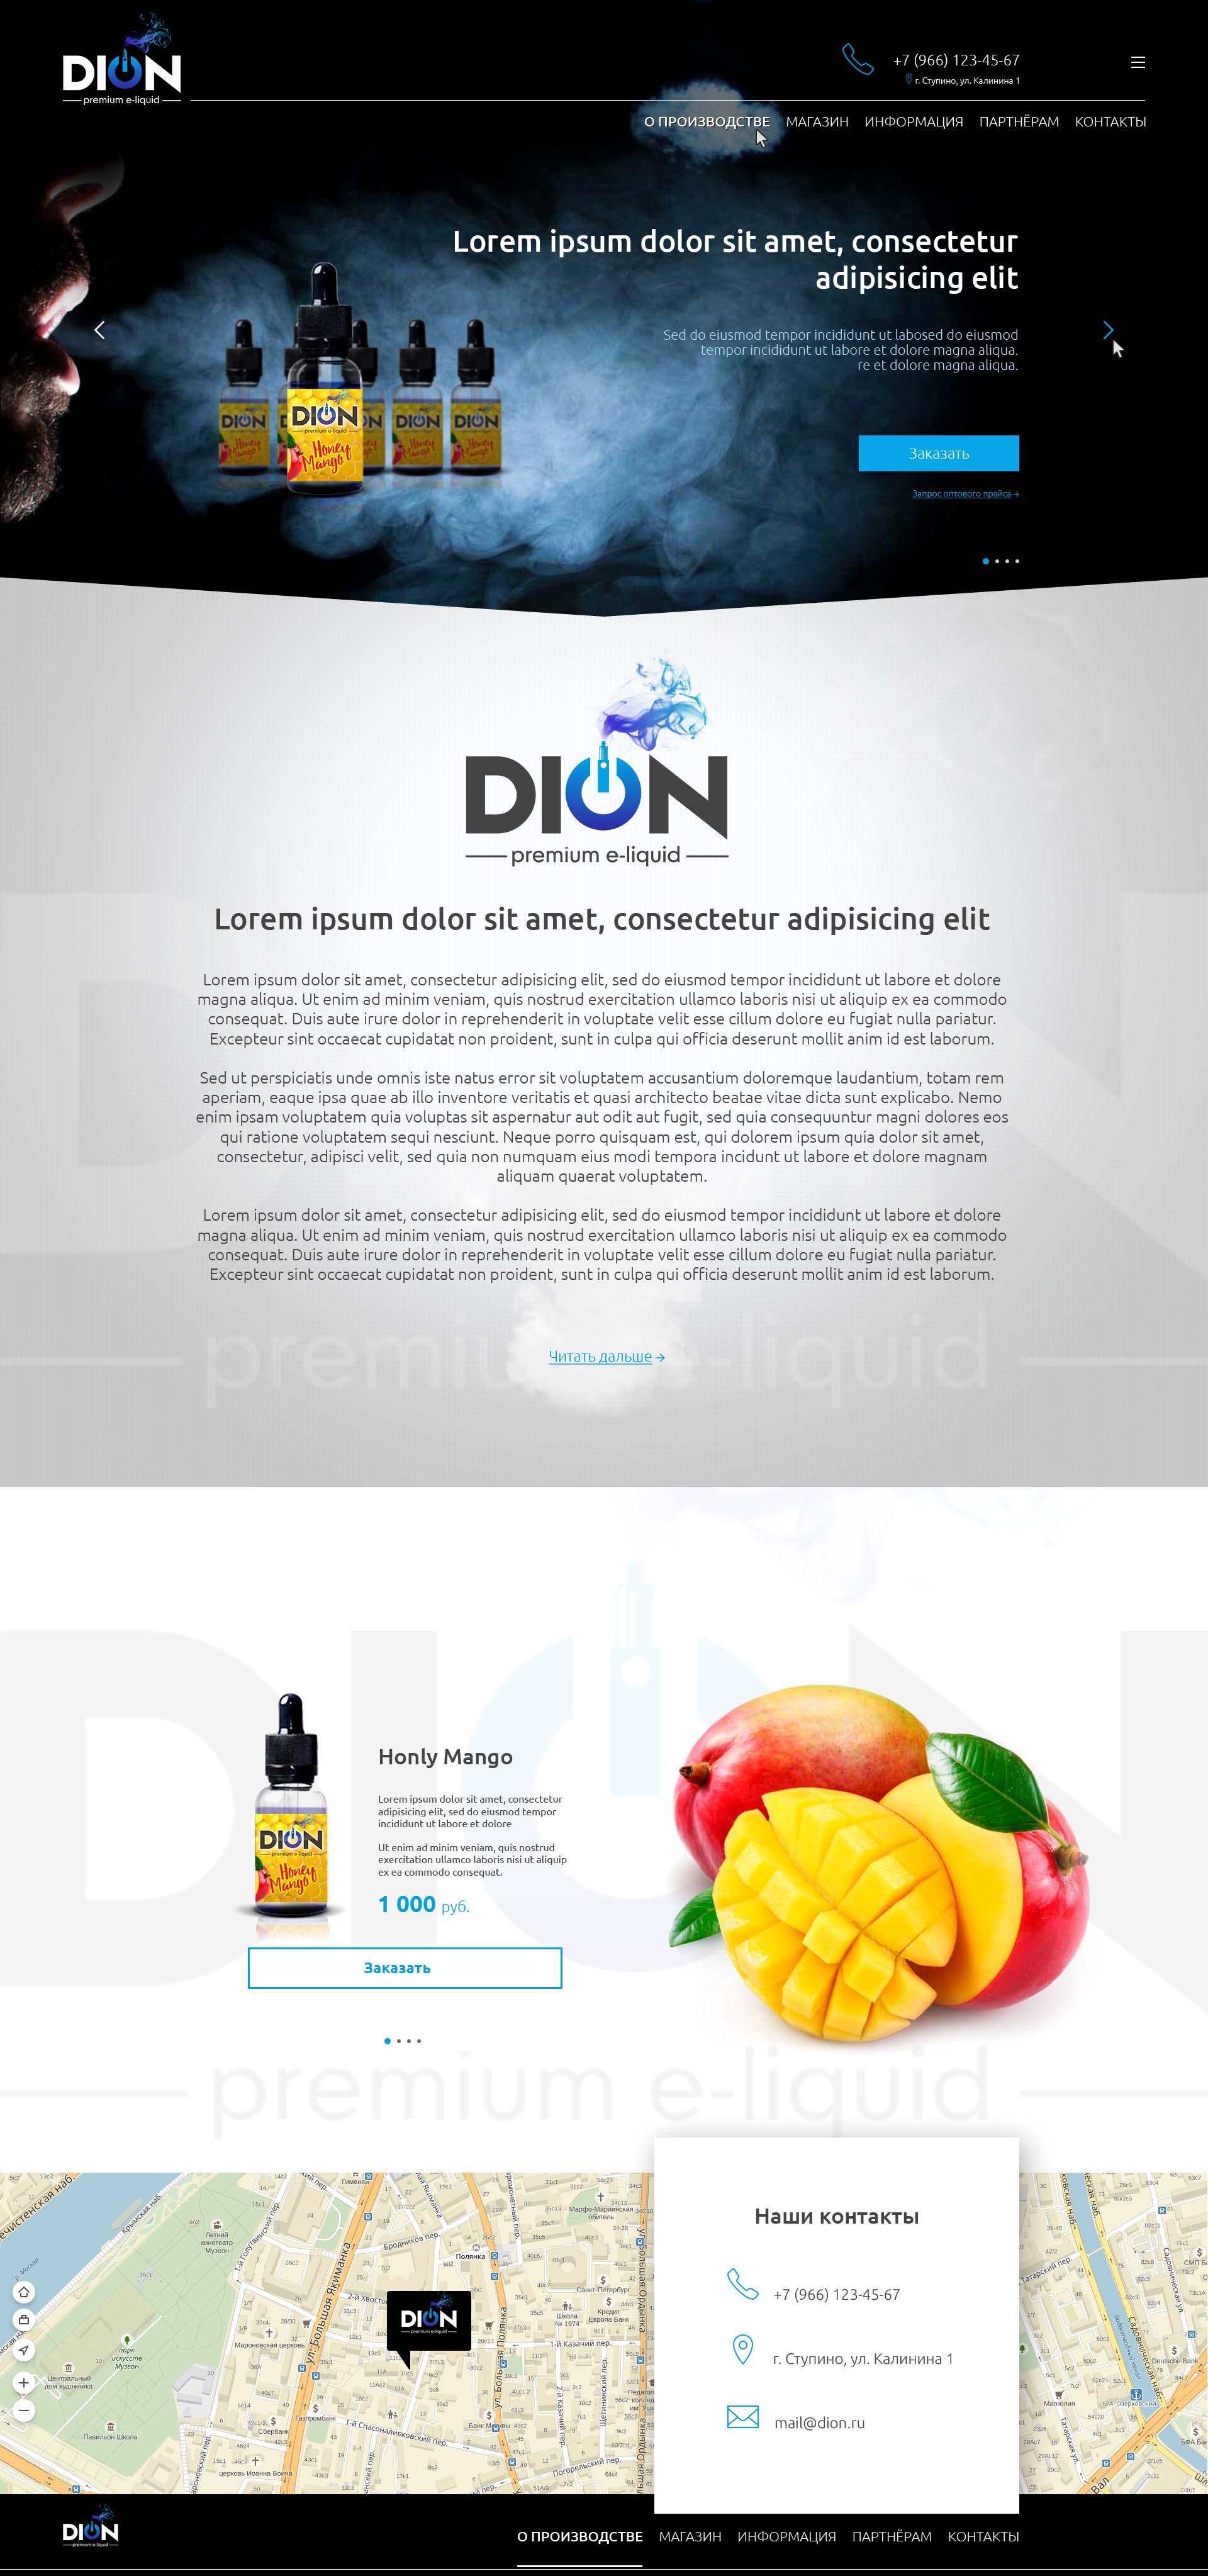 DION - premium e-liquid